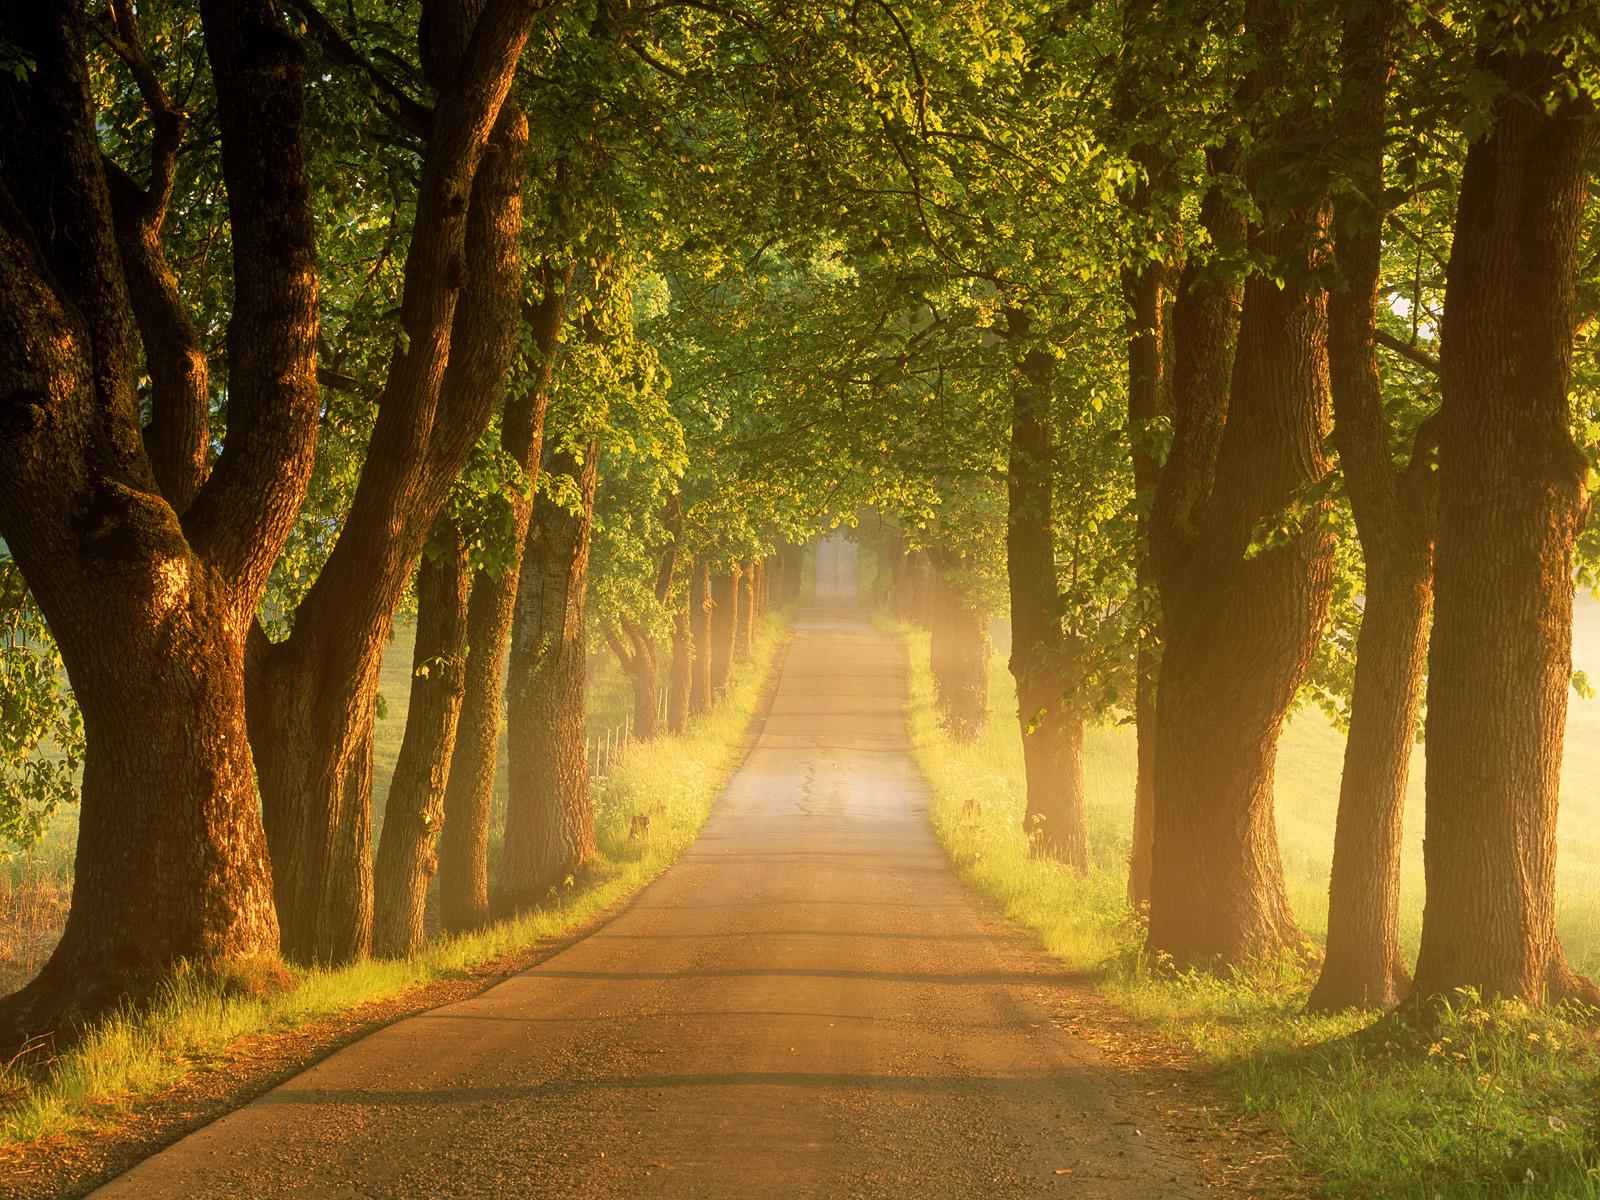 بالصور صور خلفيات طبيعيه , مناظر للطبيعة خلابة 10670 6